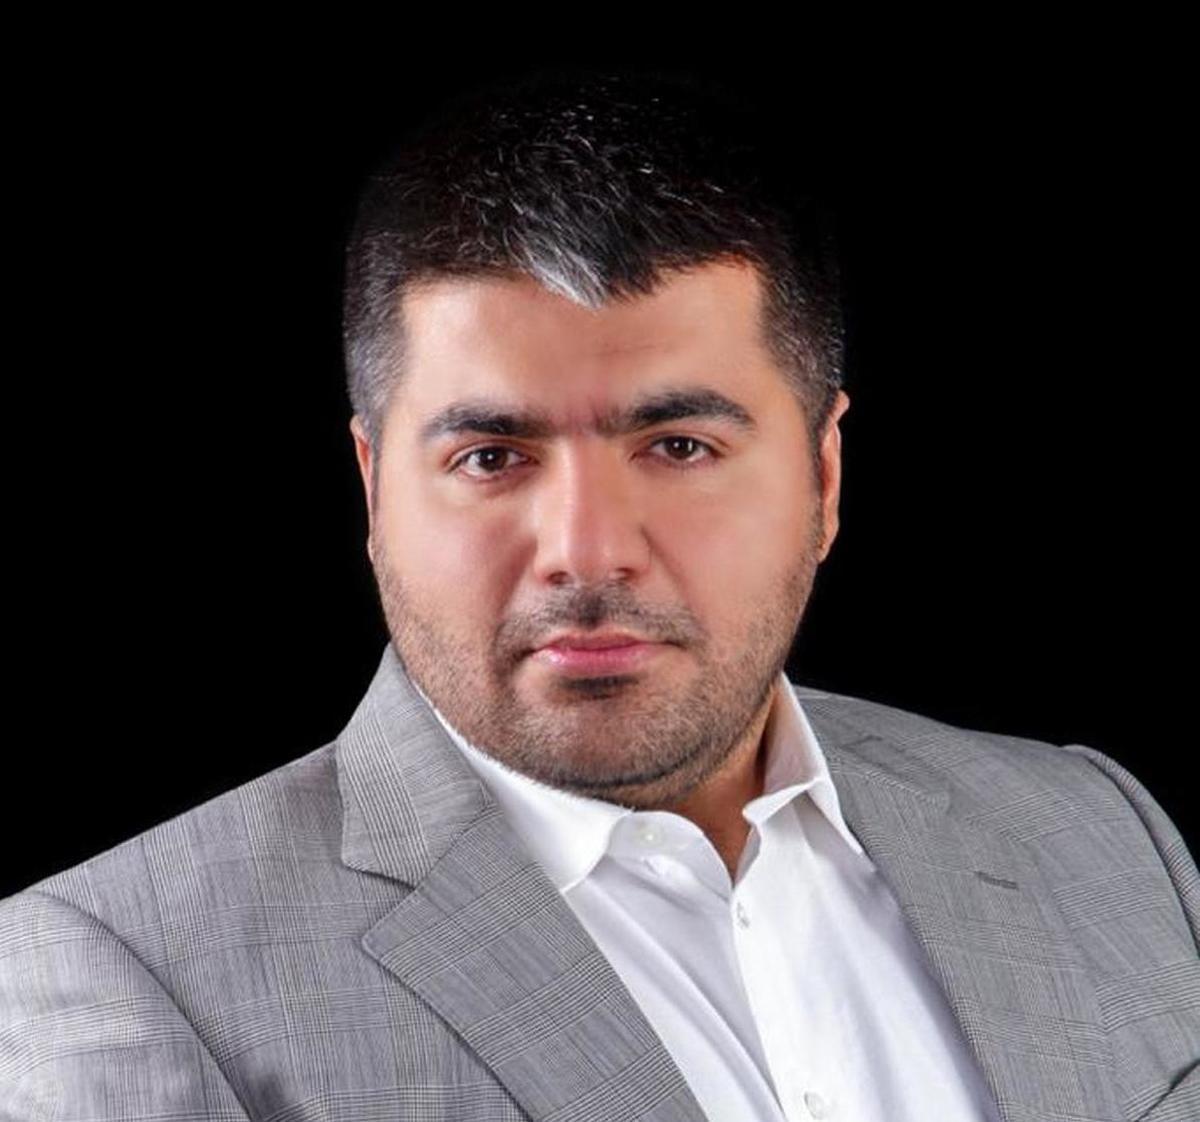 توئیت دکتر غرضی درباره پیشینه ایران و افغانستان و لزوم کمک به مردمان گرفتار افغان